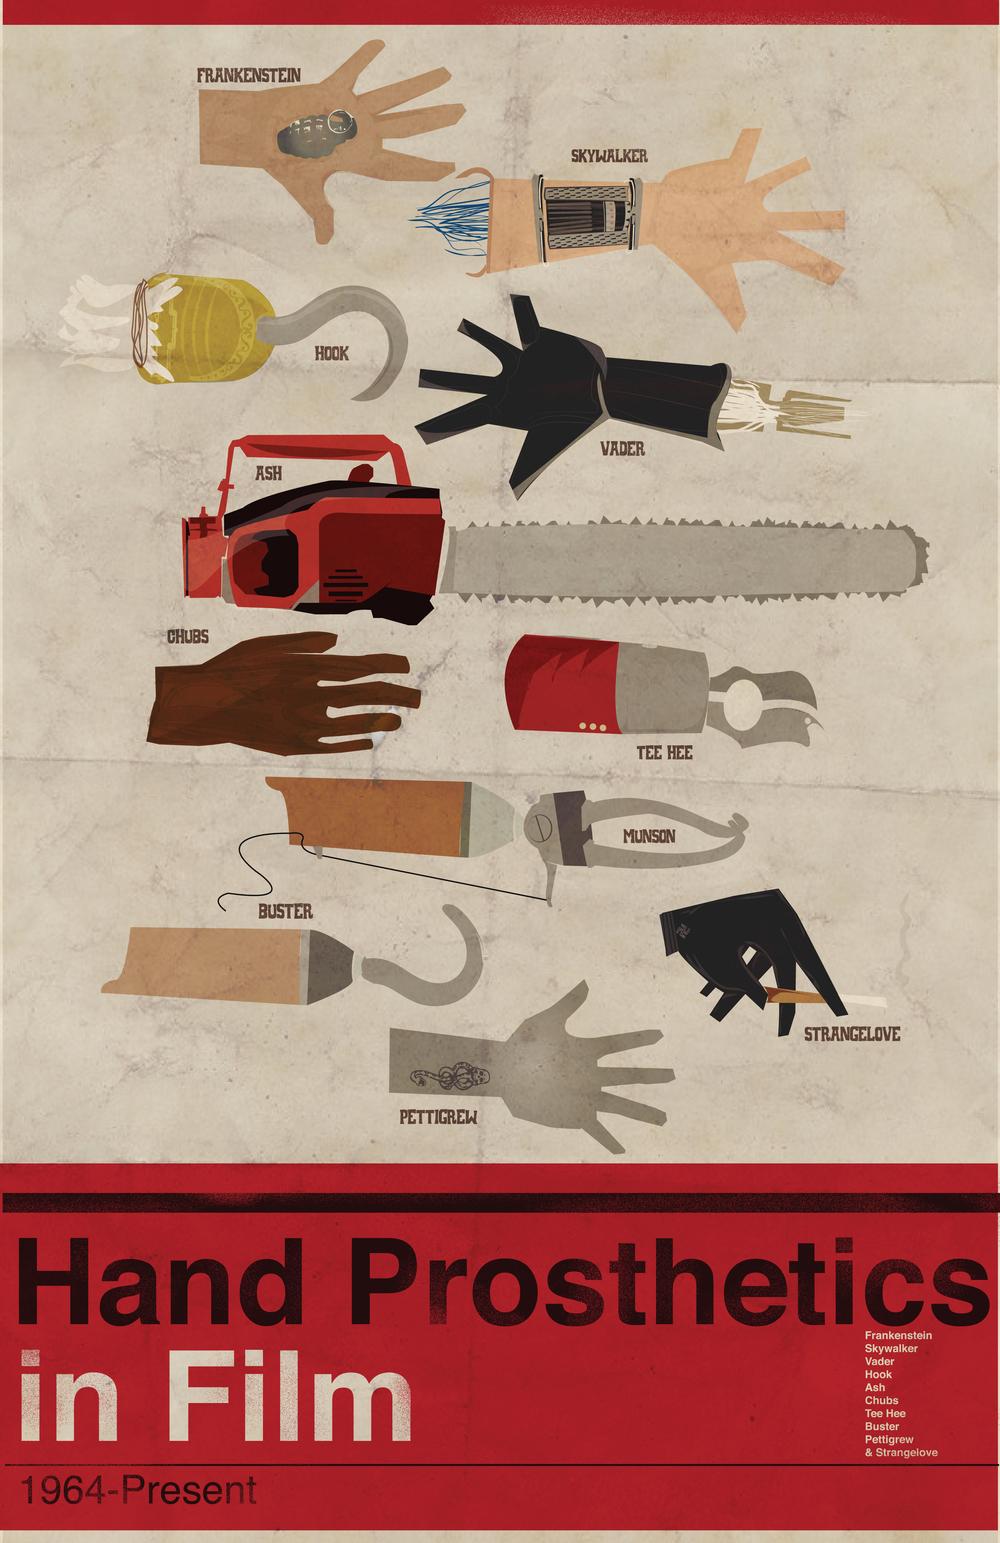 Hand Prosthetics in Film